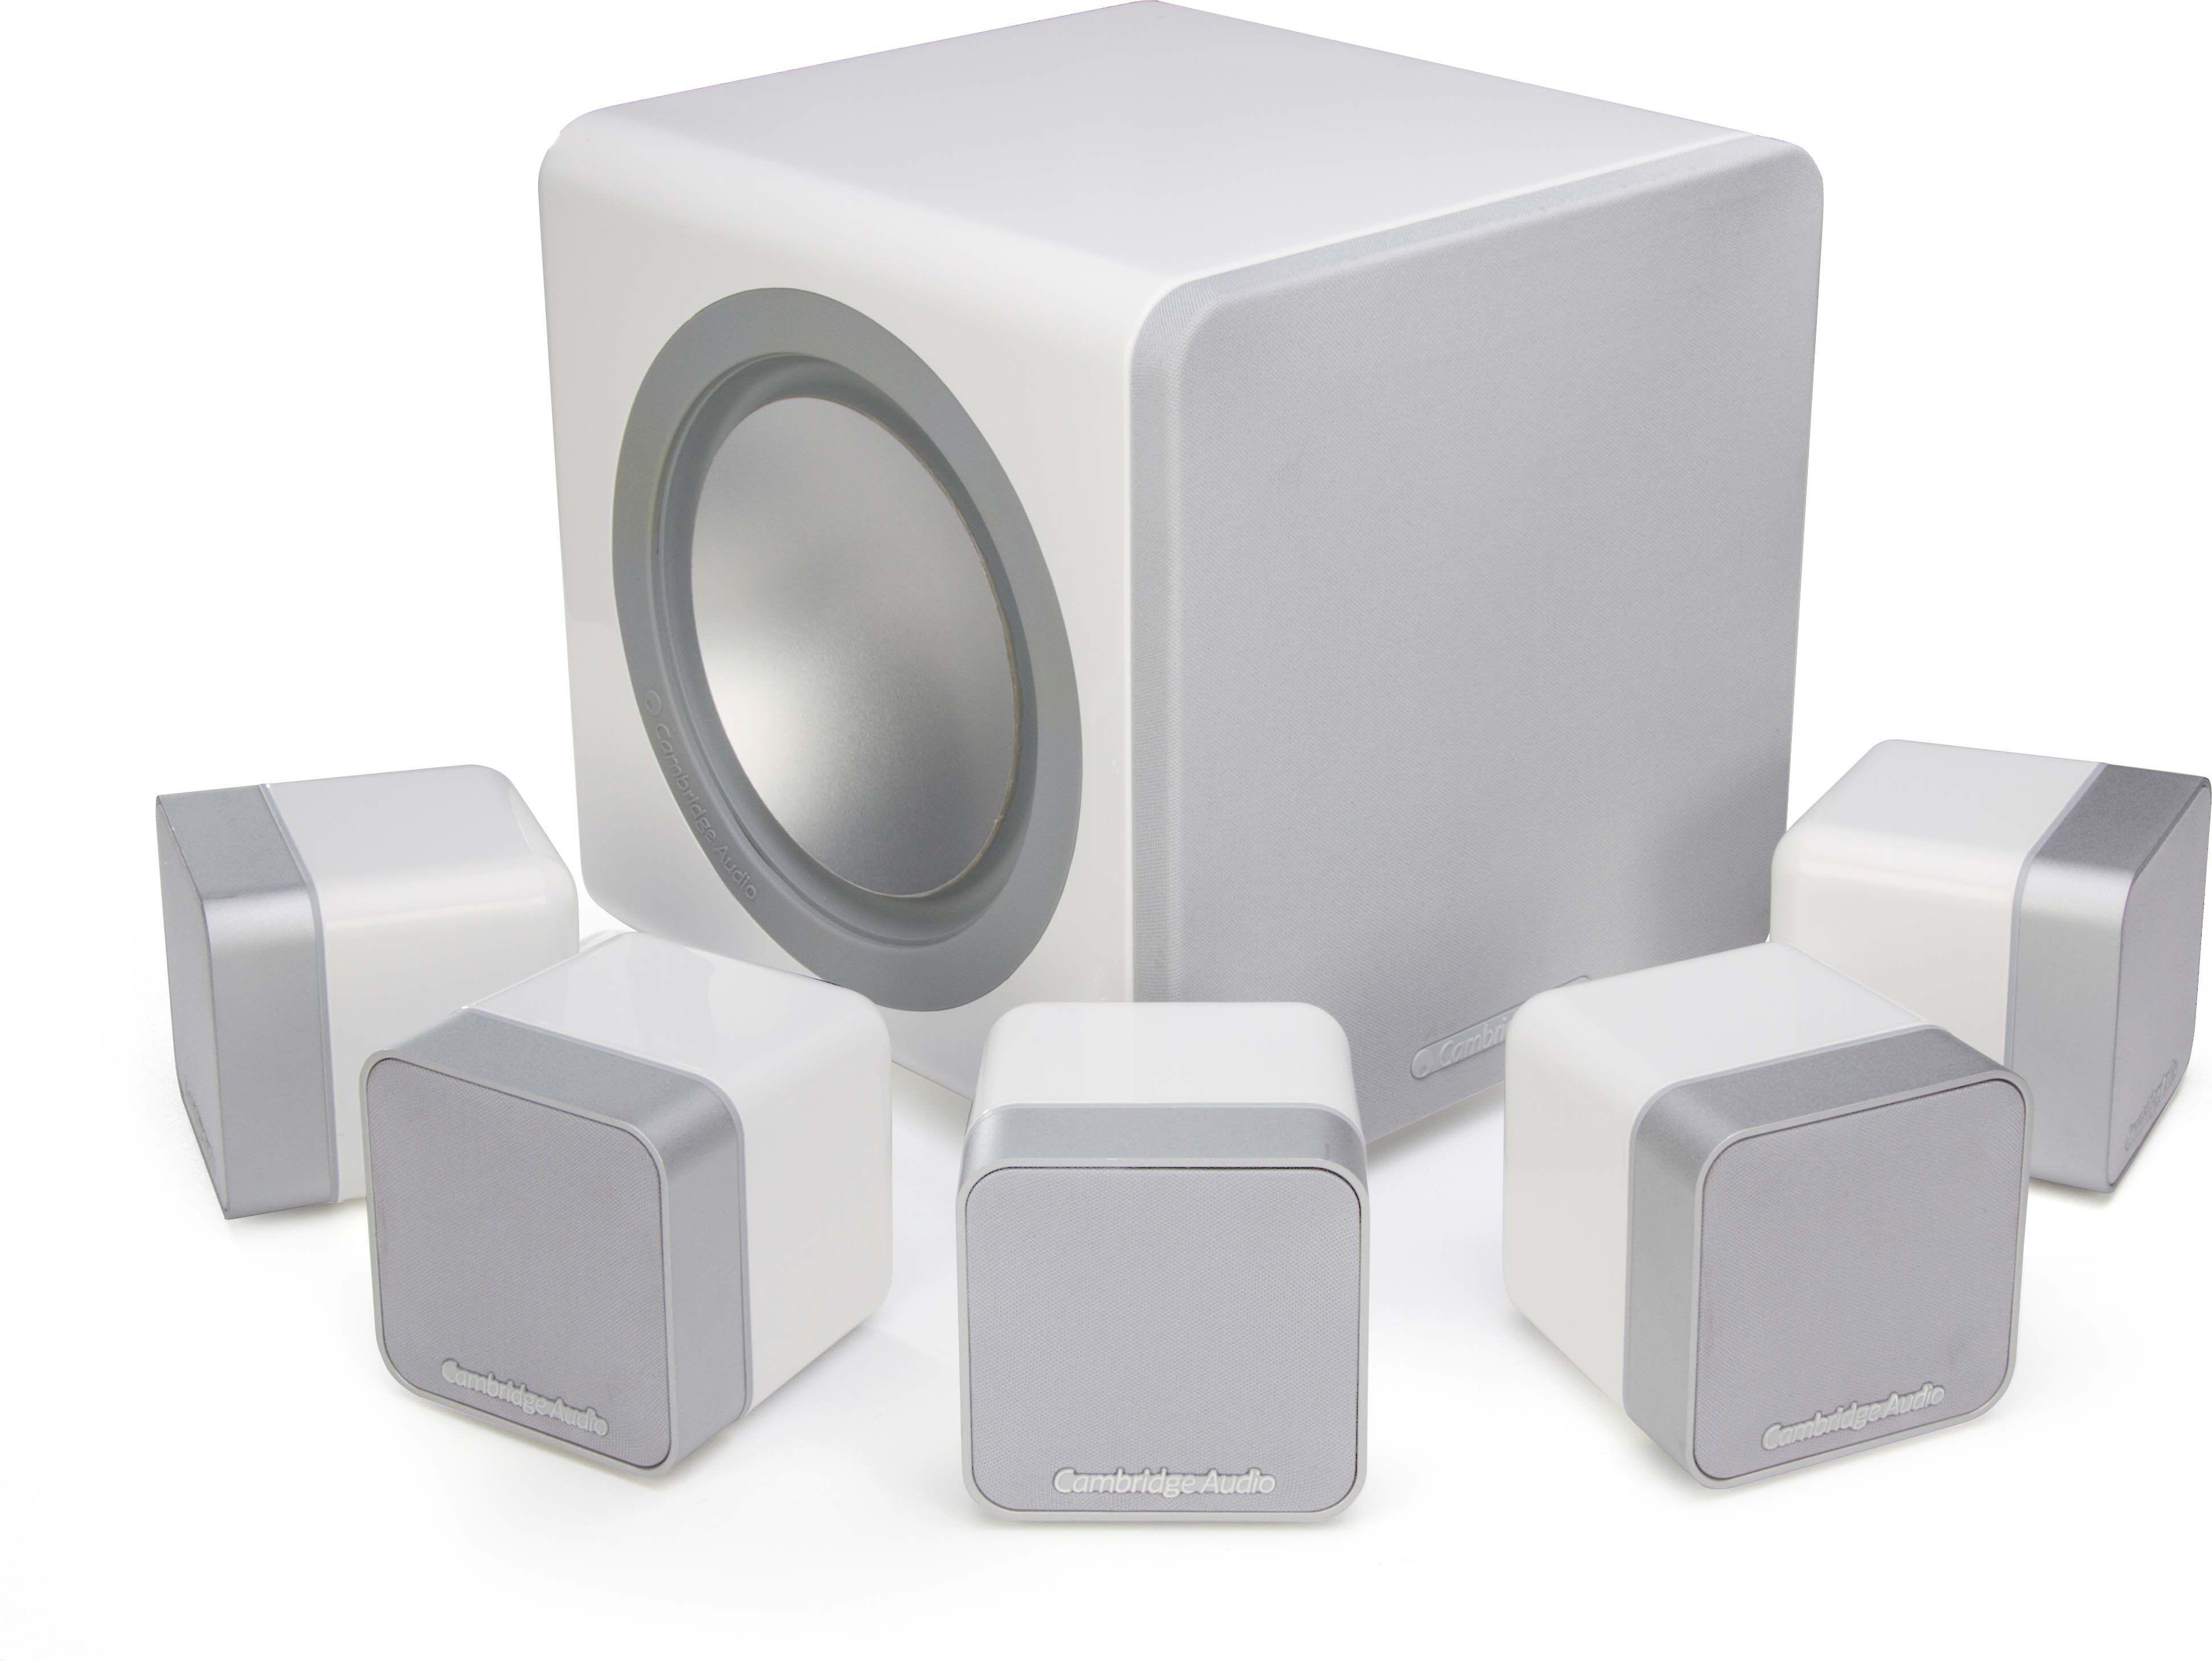 Cambridge Audio 5.1 Speaker System MINX